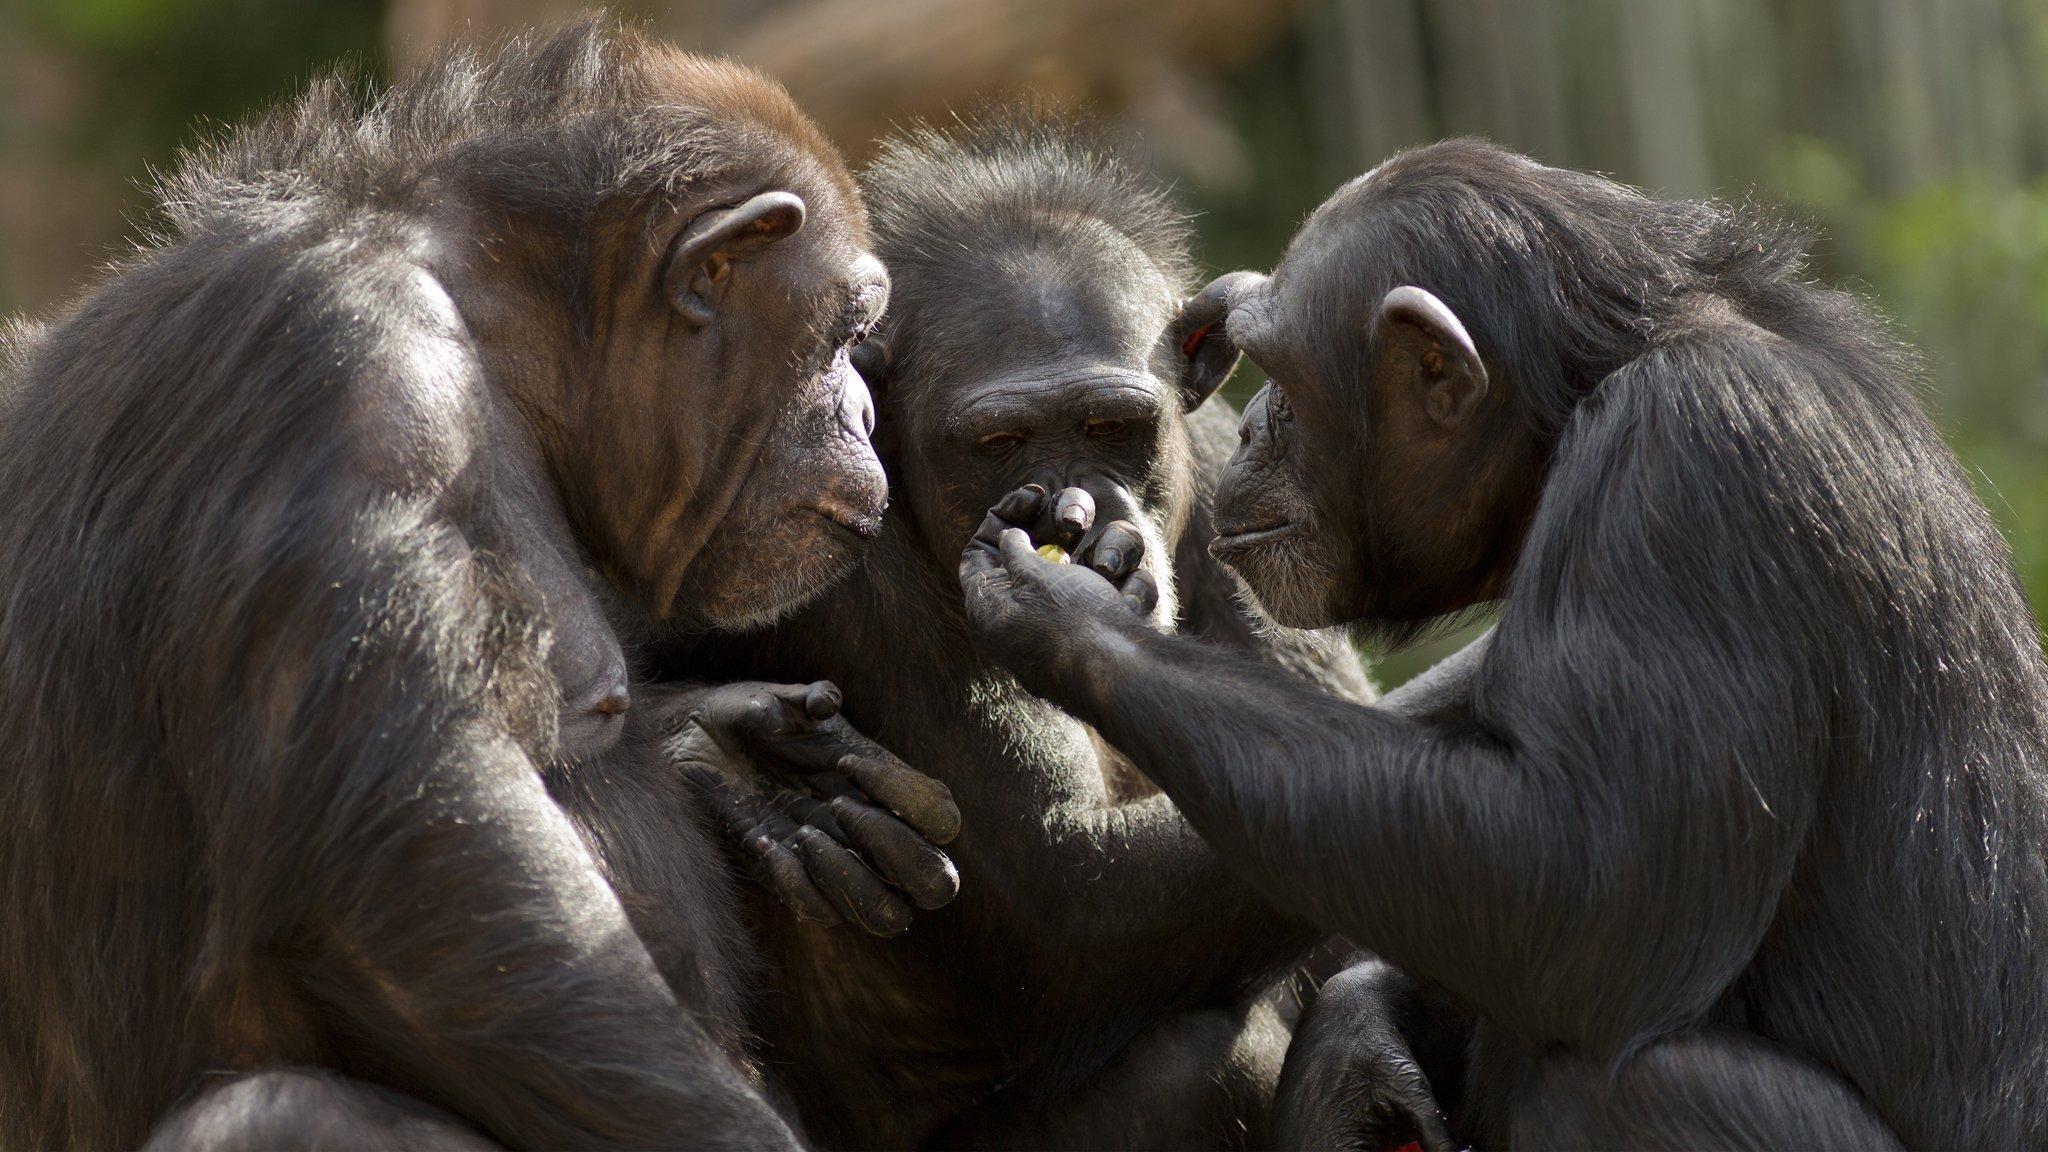 Zu sehen sind die Schultern und Köpfe von drei Schimpansen, die einander zugewandt sind und auf die erhobene, in der Mitte des Bildes zu sehende Hand des einen starren, die offenbar eine Frucht enthält. Schimpansen besitzen hochentwickelte soziale und geistige Fähigkeiten, ein großes Gehirn und Hände, die denen des Menschen sehr ähnlich sind. Vor vielen Jahrmillionen wurden die Affen zum Ausgangspunkt für die Evolution des Homo sapiens.